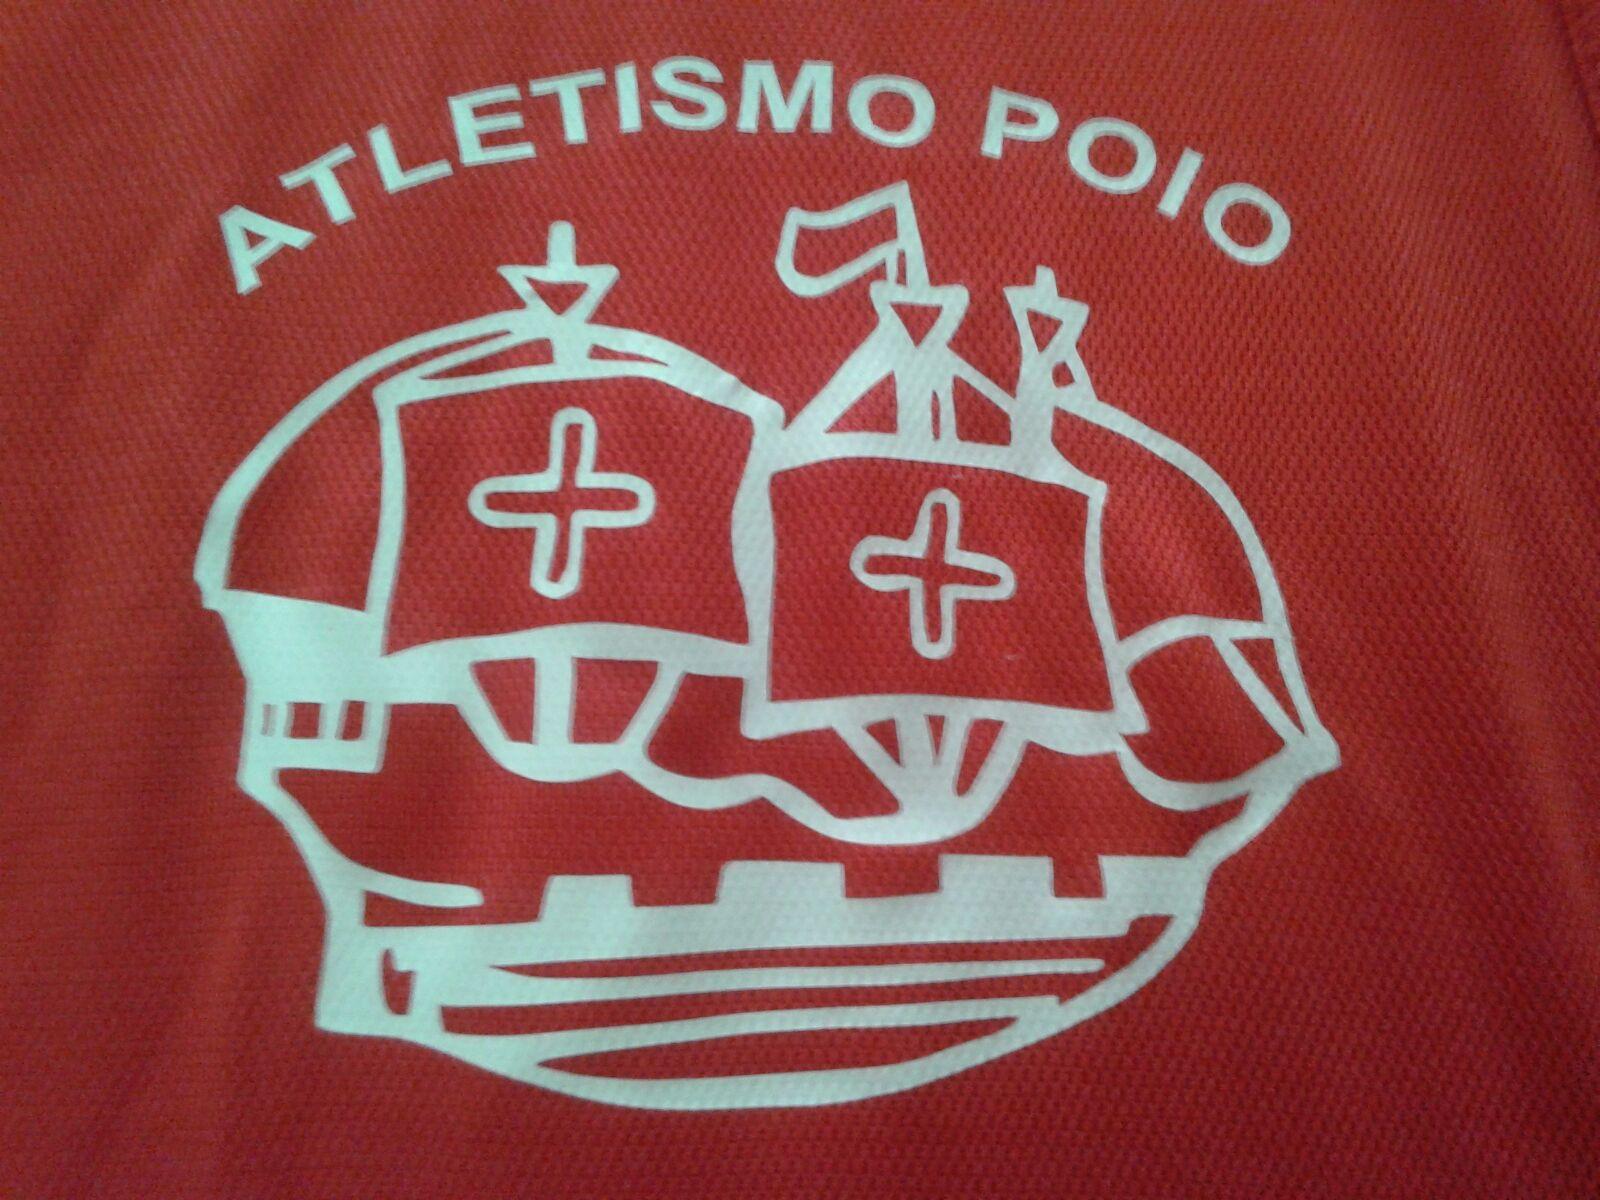 Club Atletismo Poio